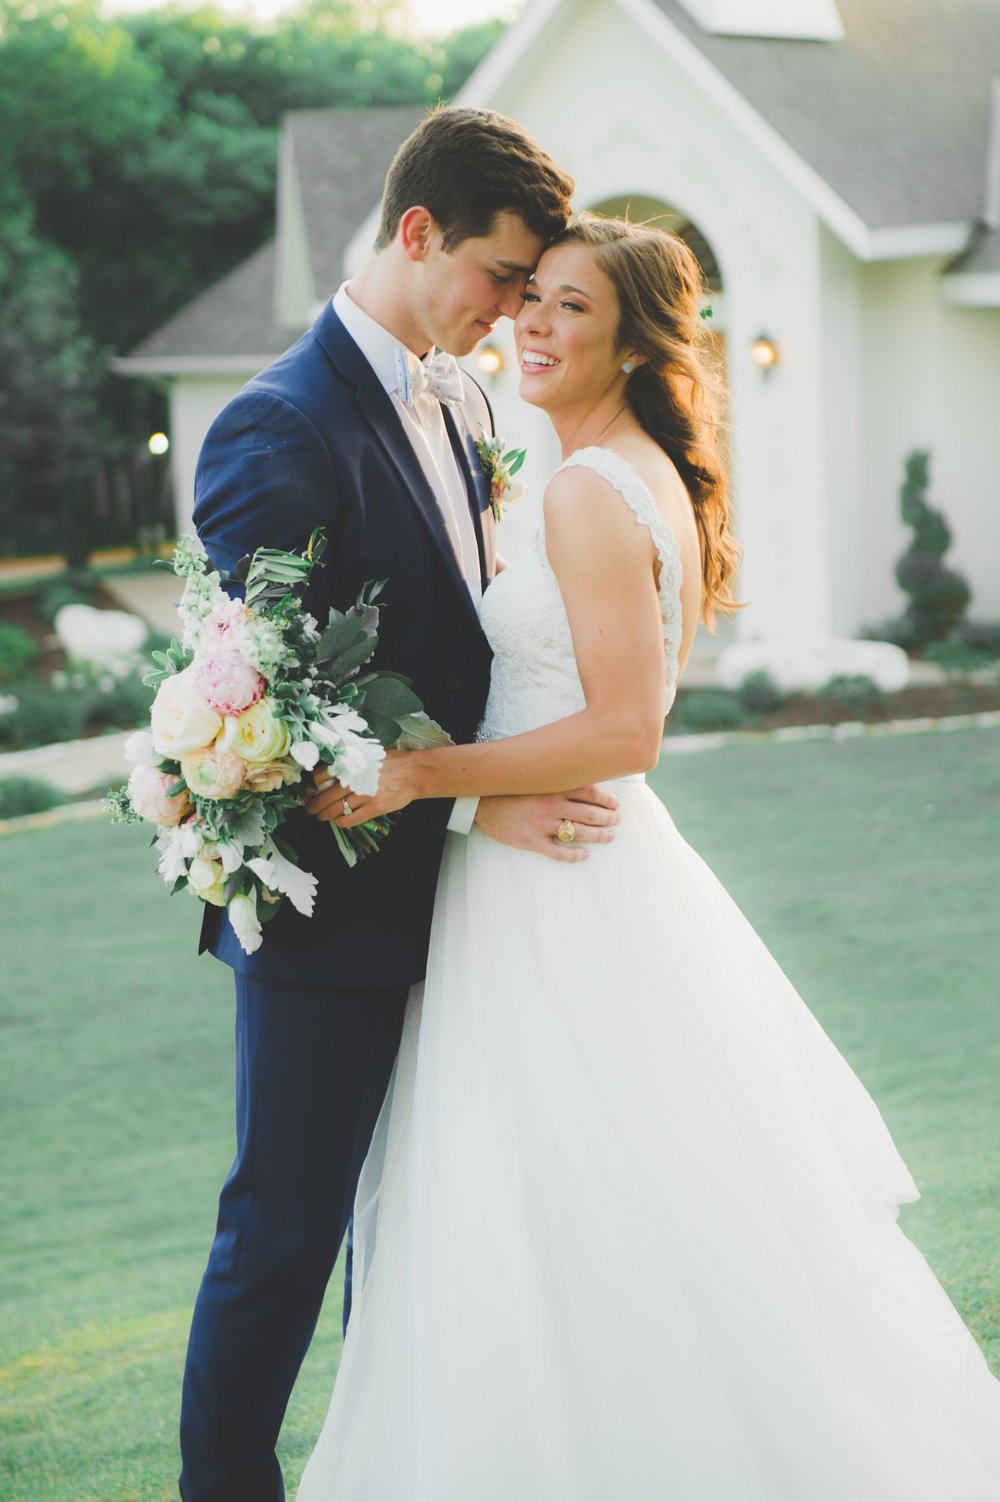 midlothian_wedding_pink_flowers_13.jpg